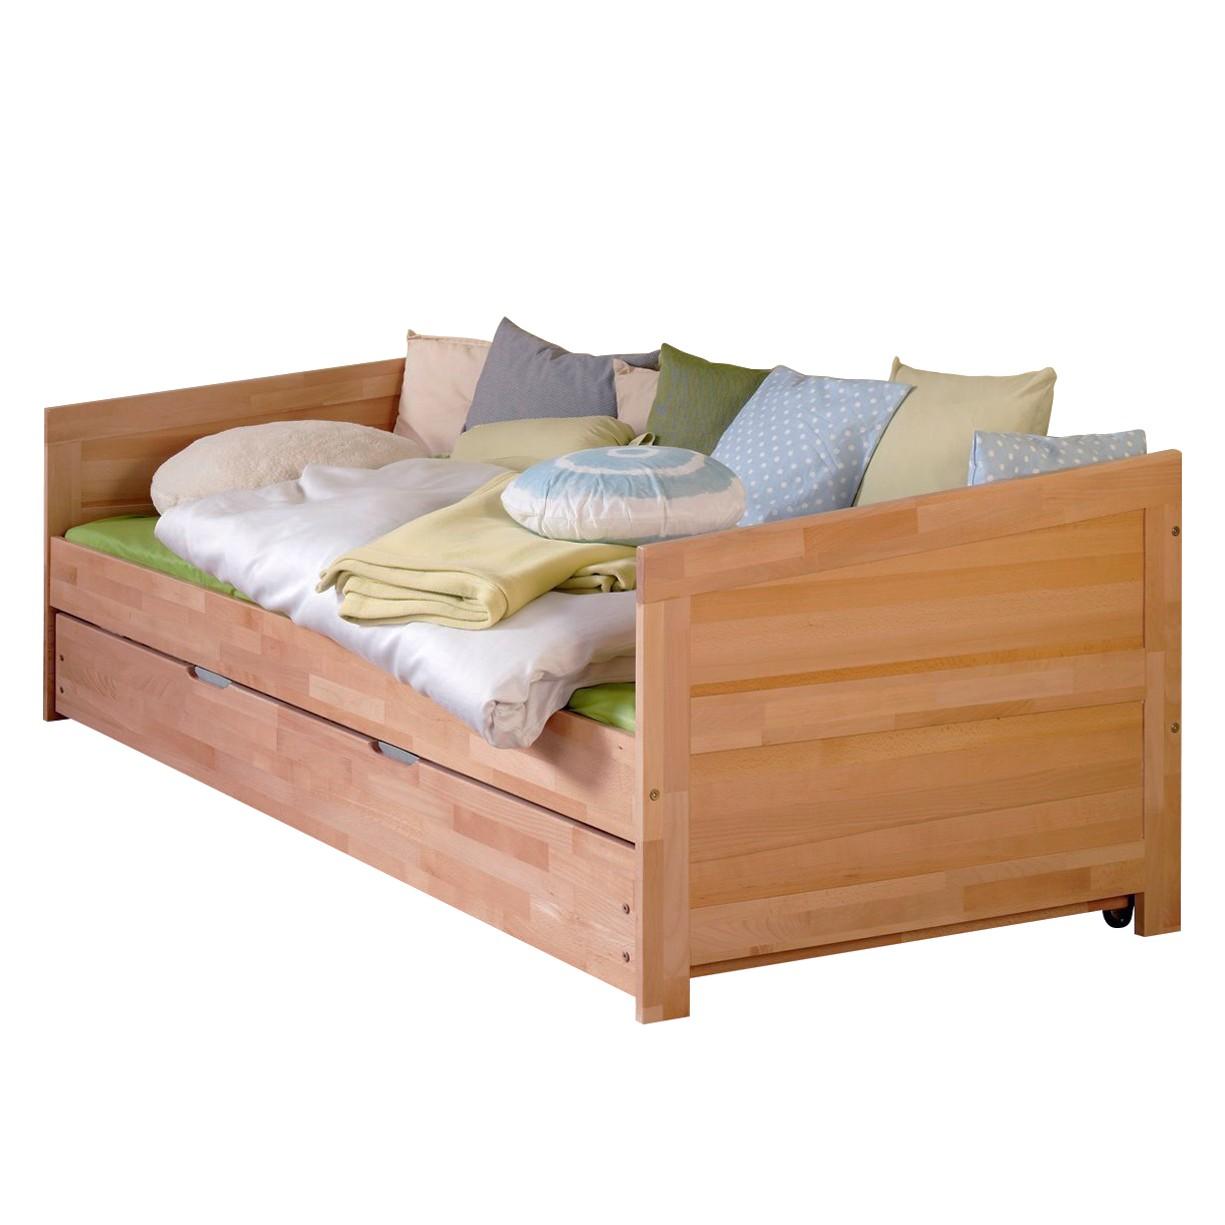 funktionsbett buche preisvergleich die besten angebote. Black Bedroom Furniture Sets. Home Design Ideas